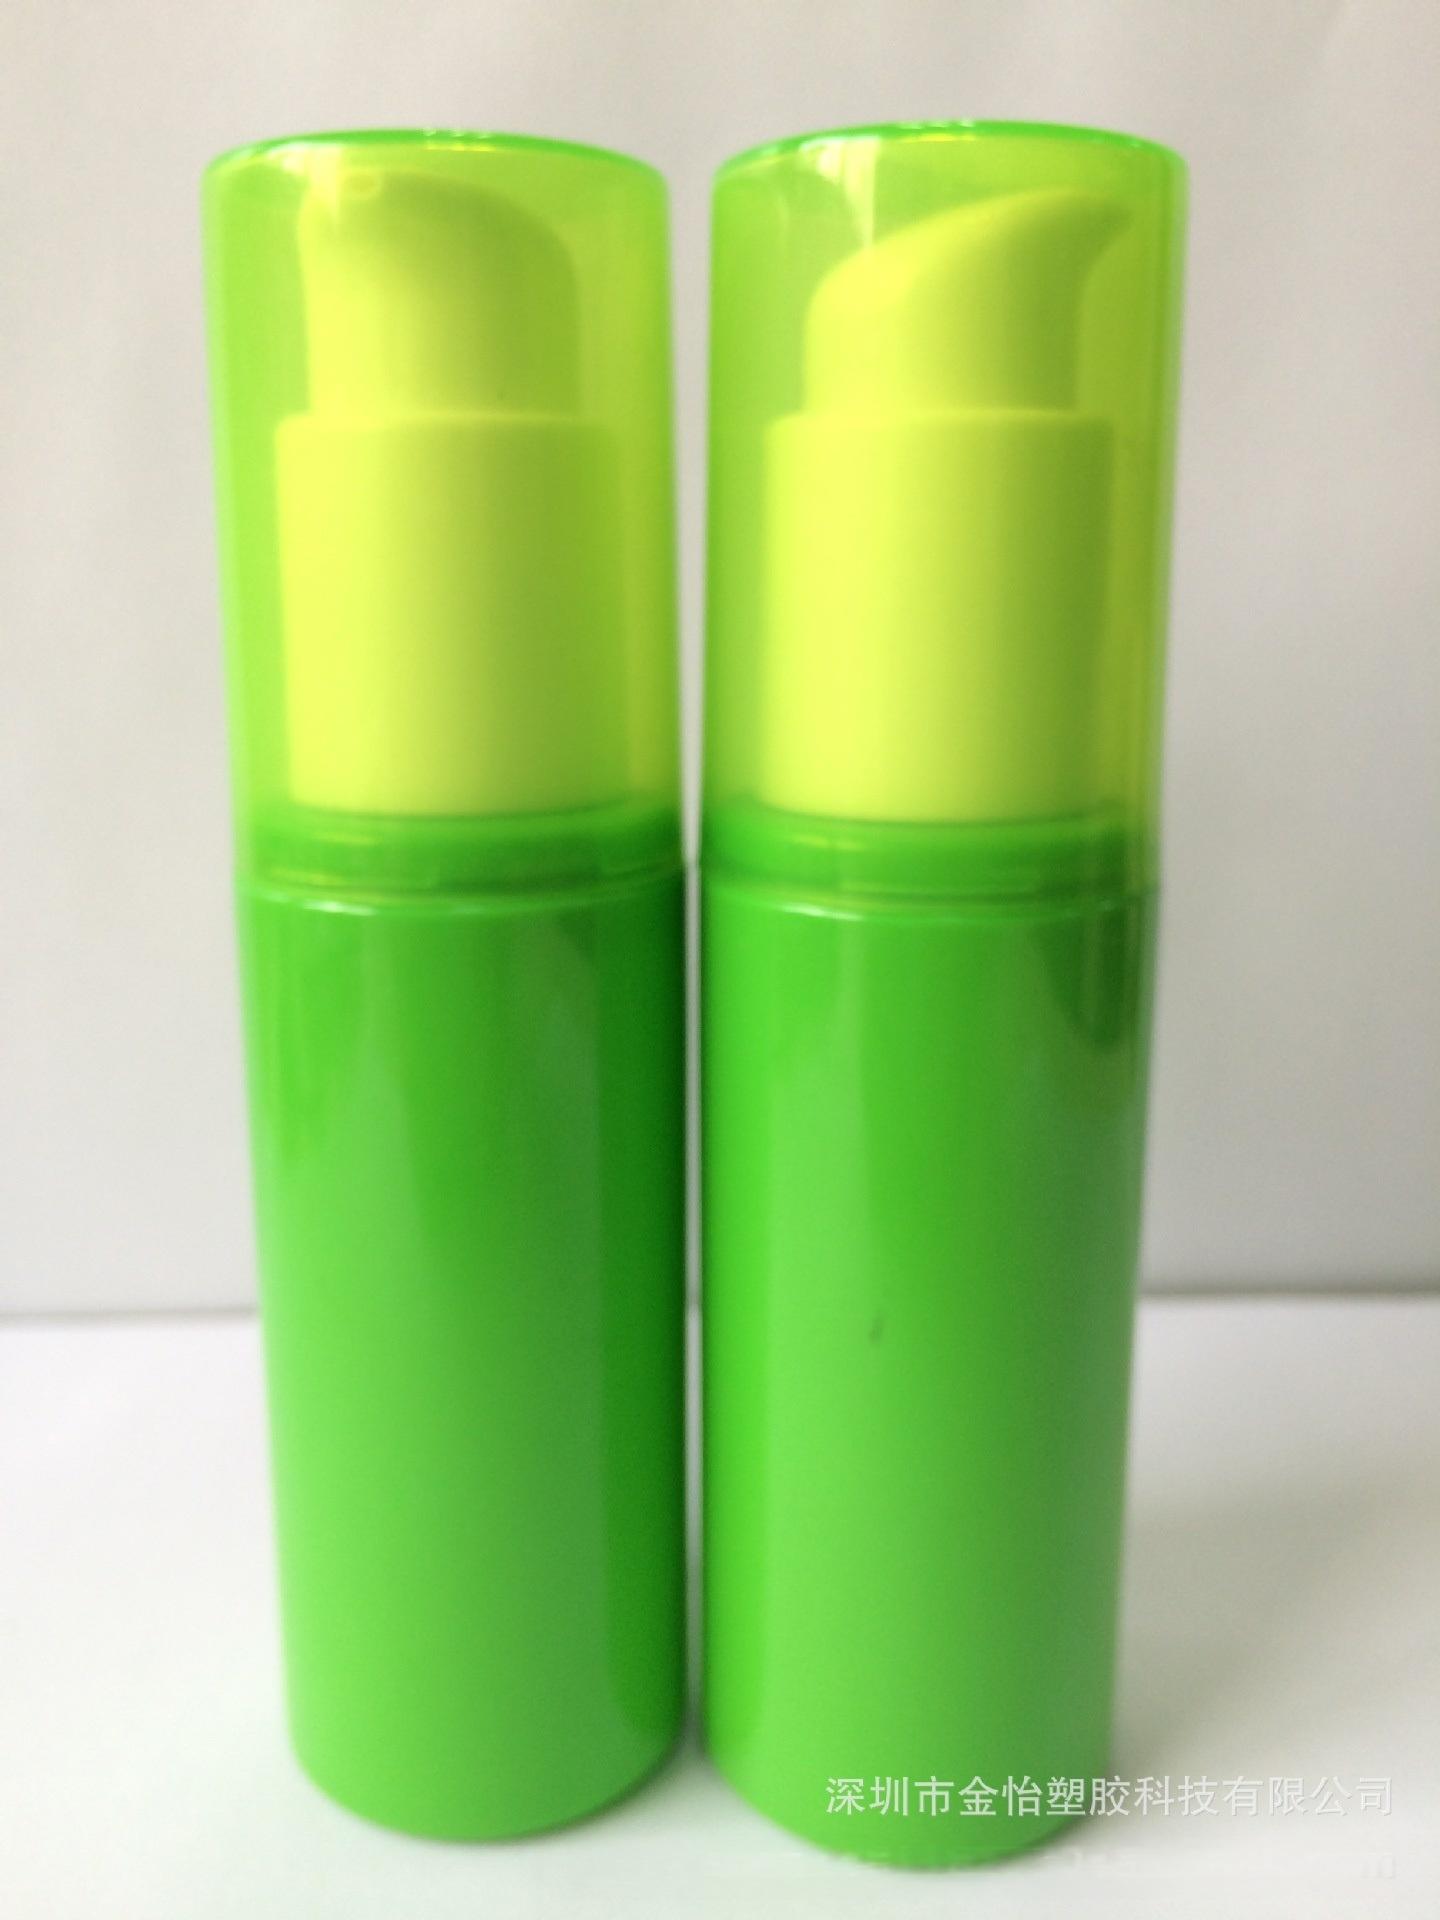 英利華250ml瓶分析單 061